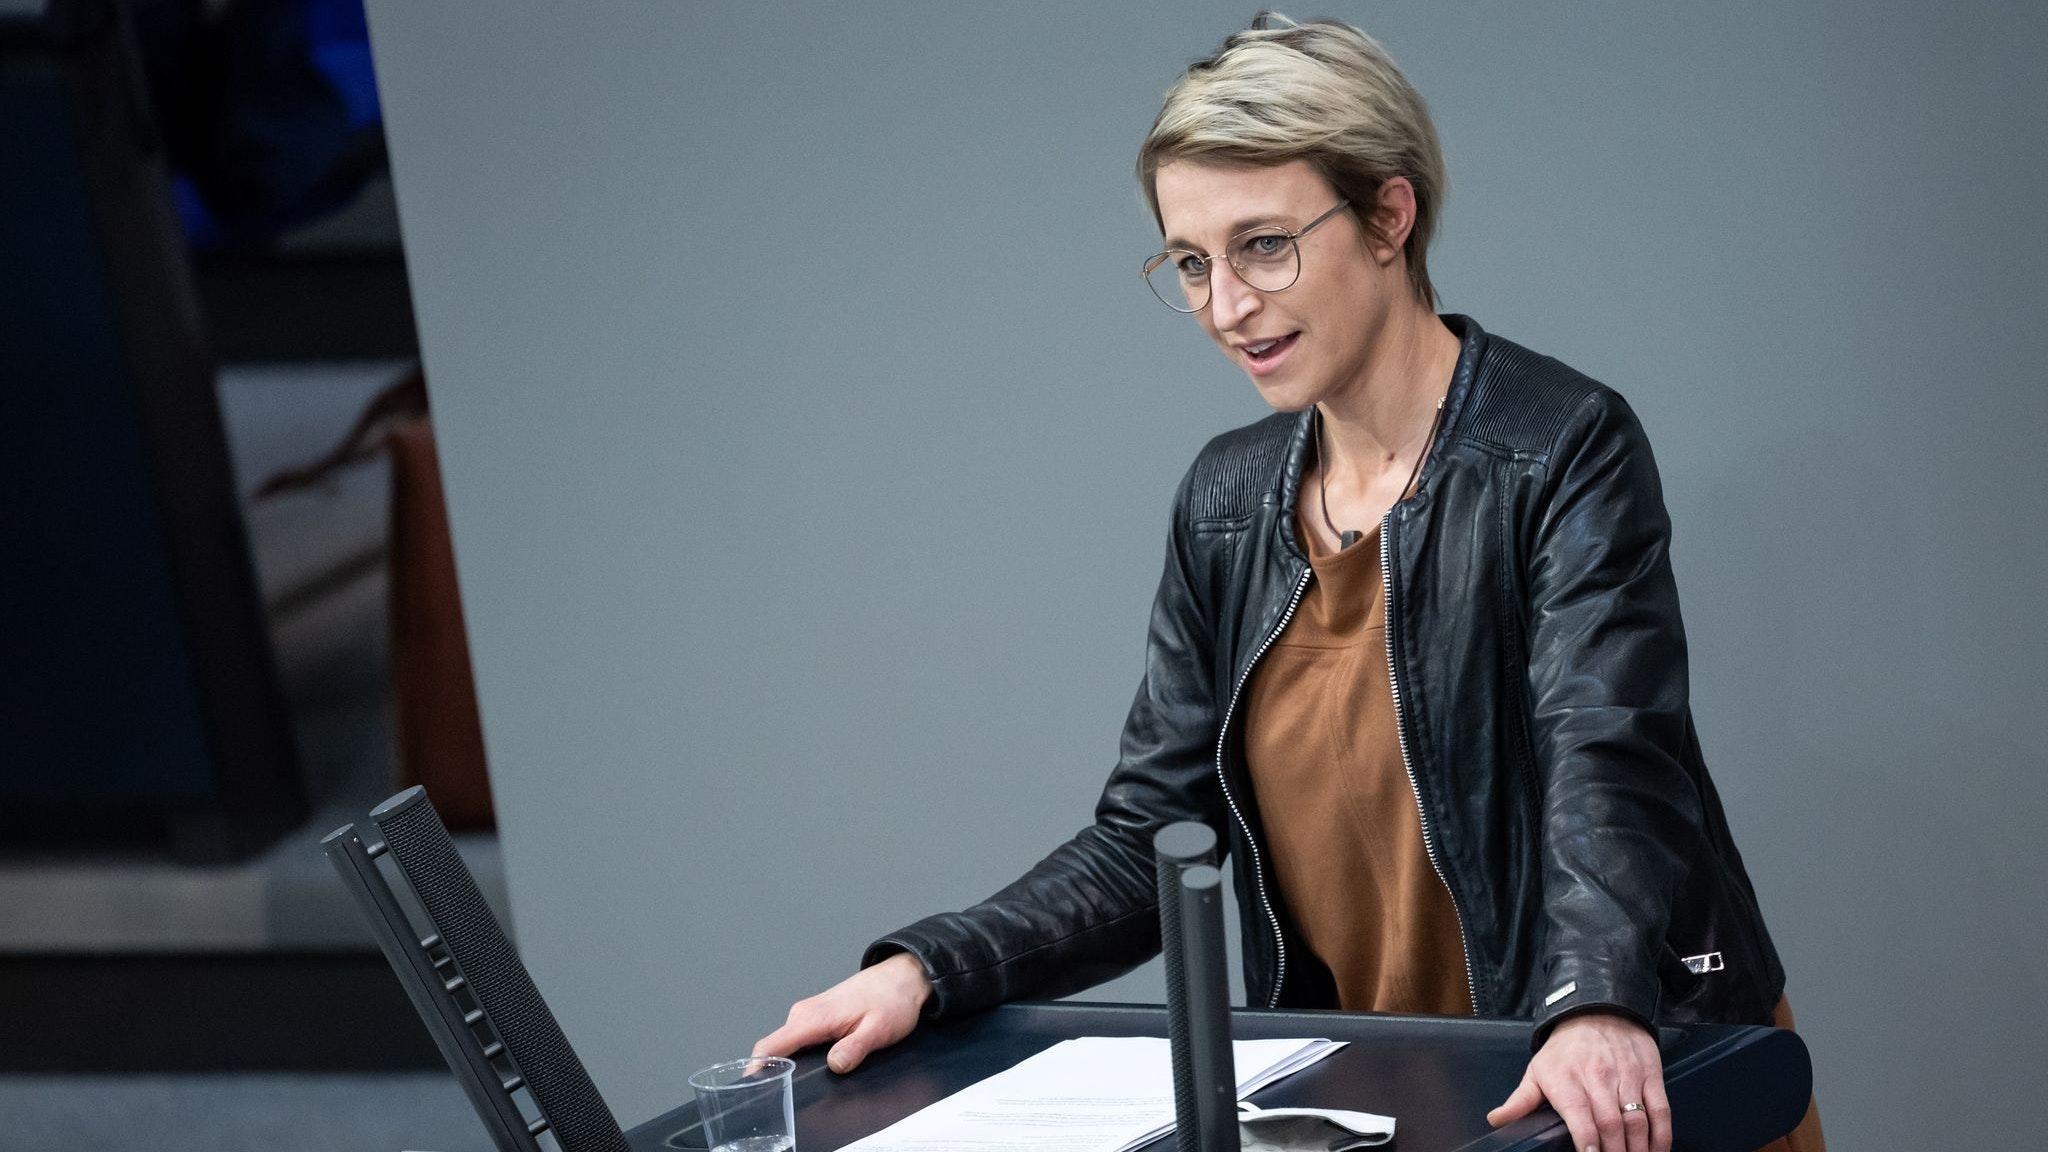 Vize-Vorsitzende der Unionsfraktion: Nadine Schön. Foto: dpa